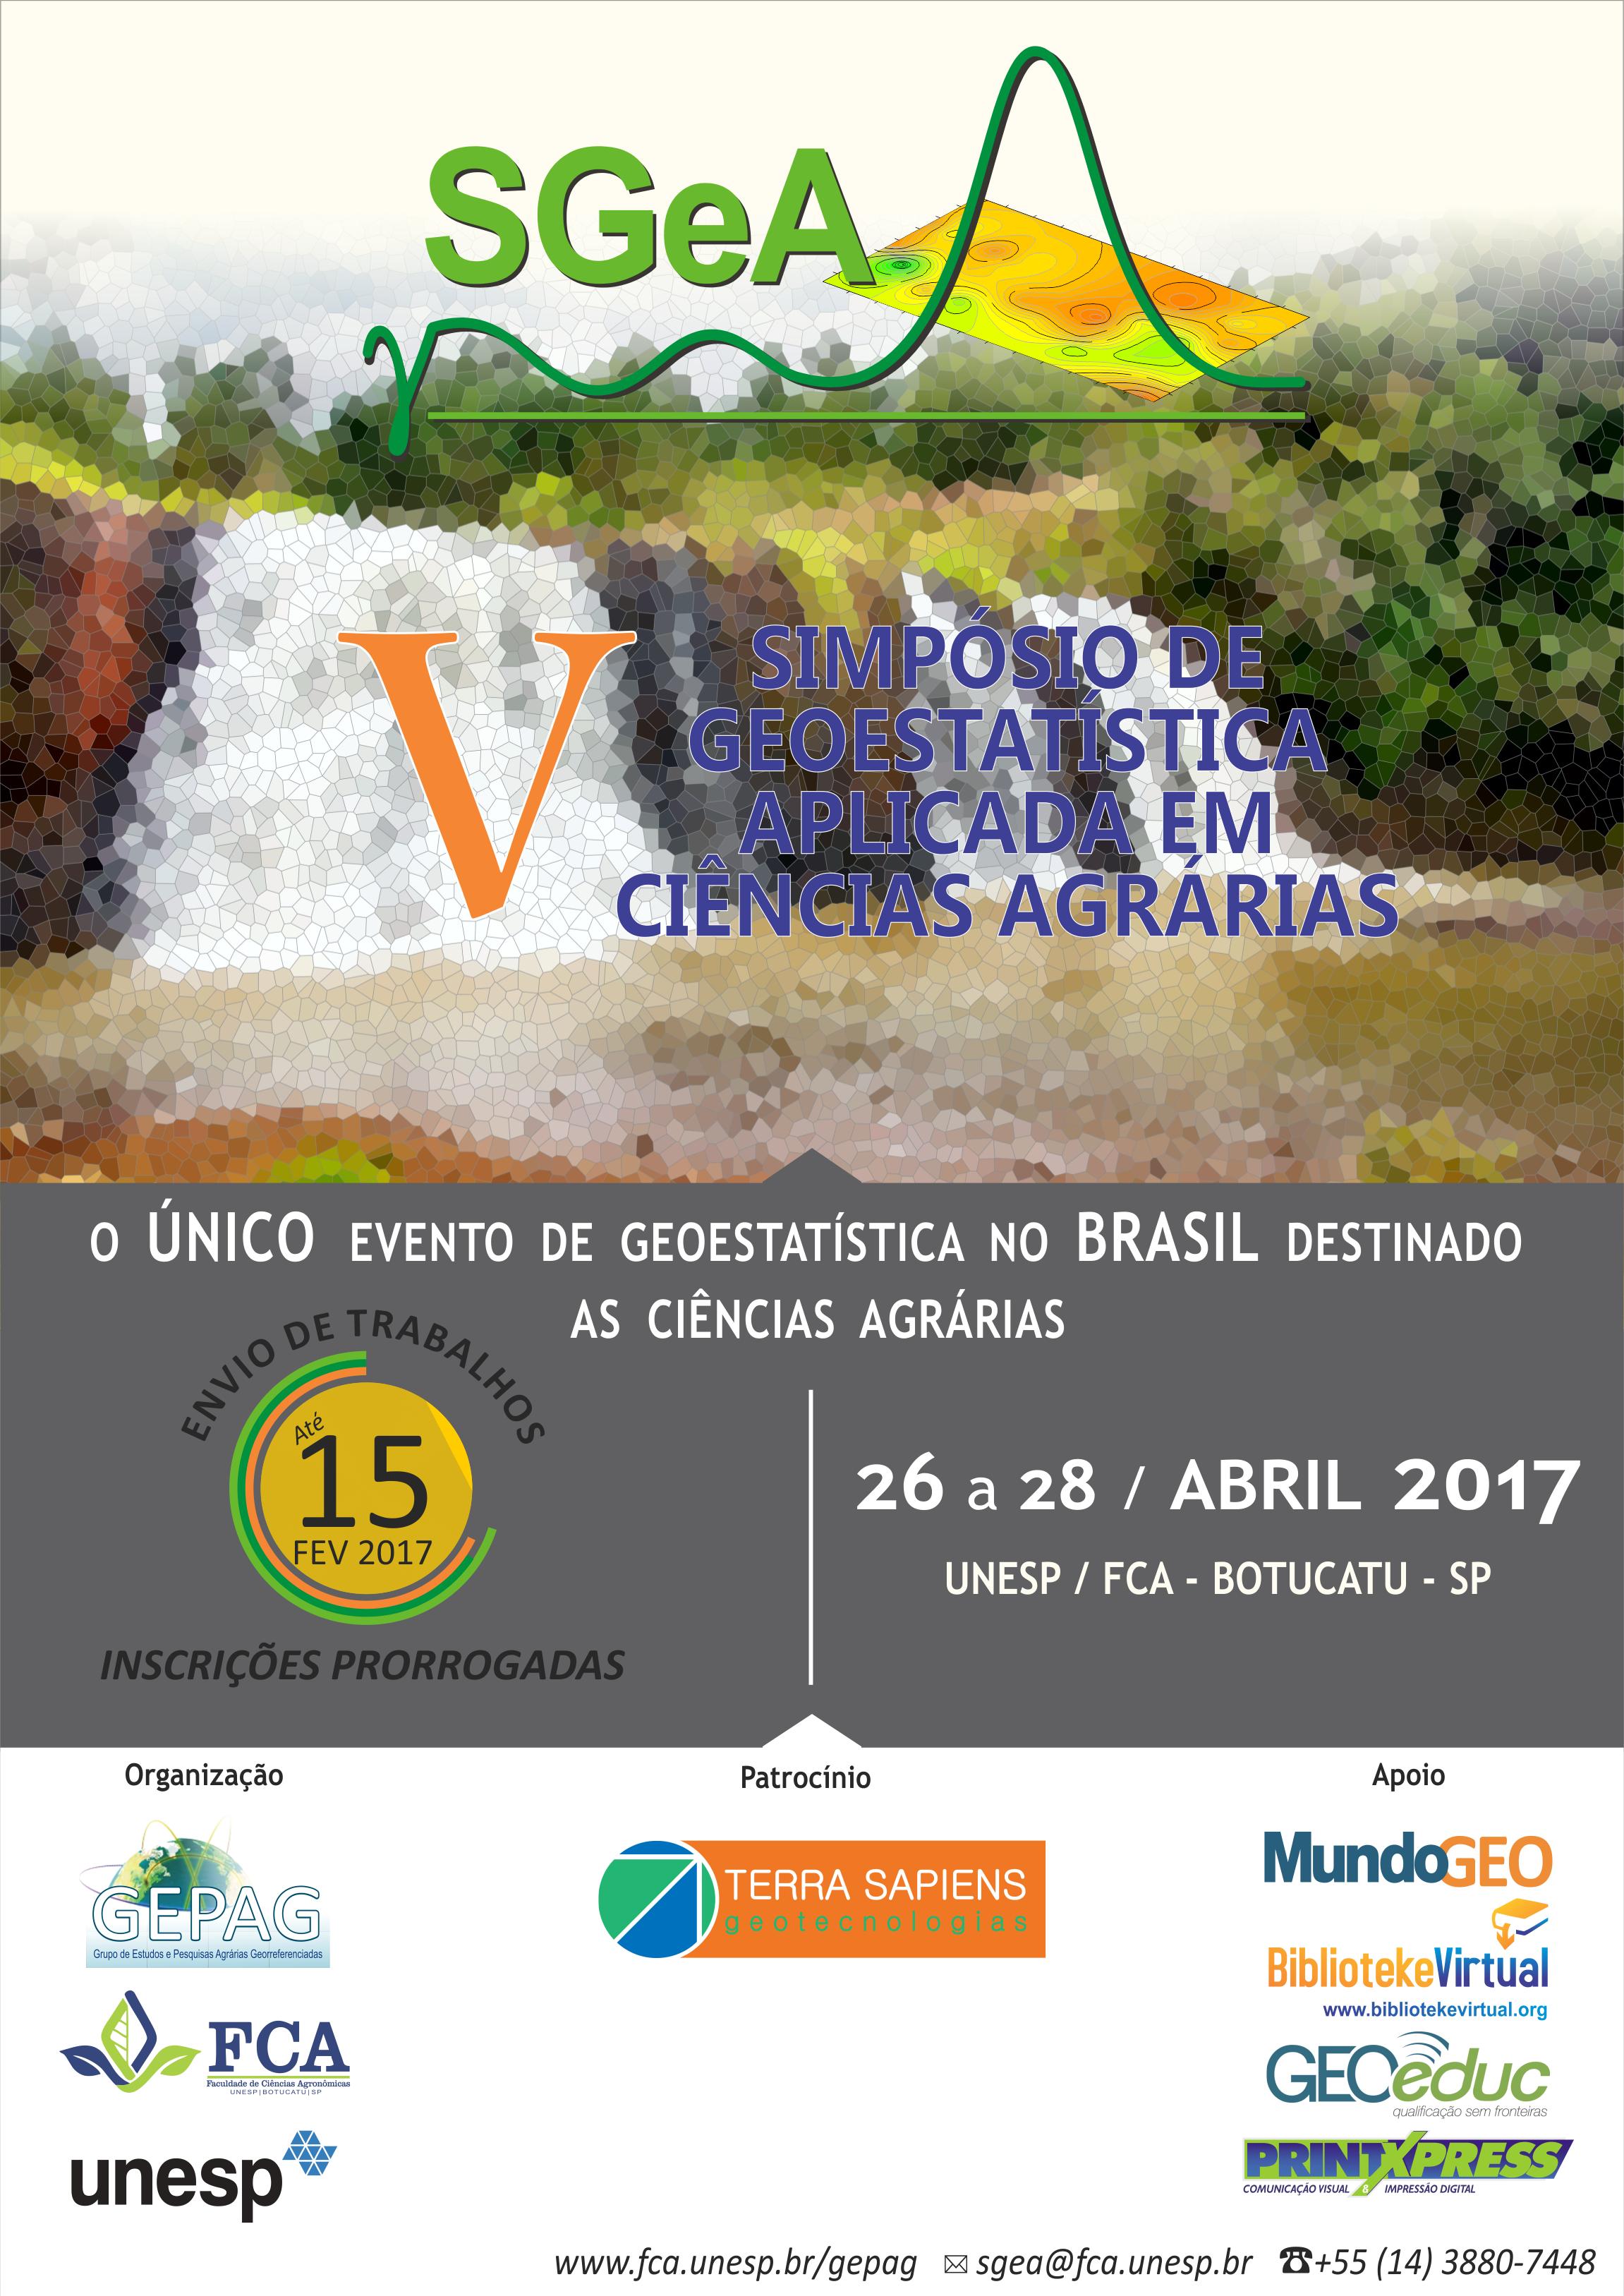 SGeA 2017 Simpósio de Geoestatística Aplicada em Ciências Agrárias acontece em abril